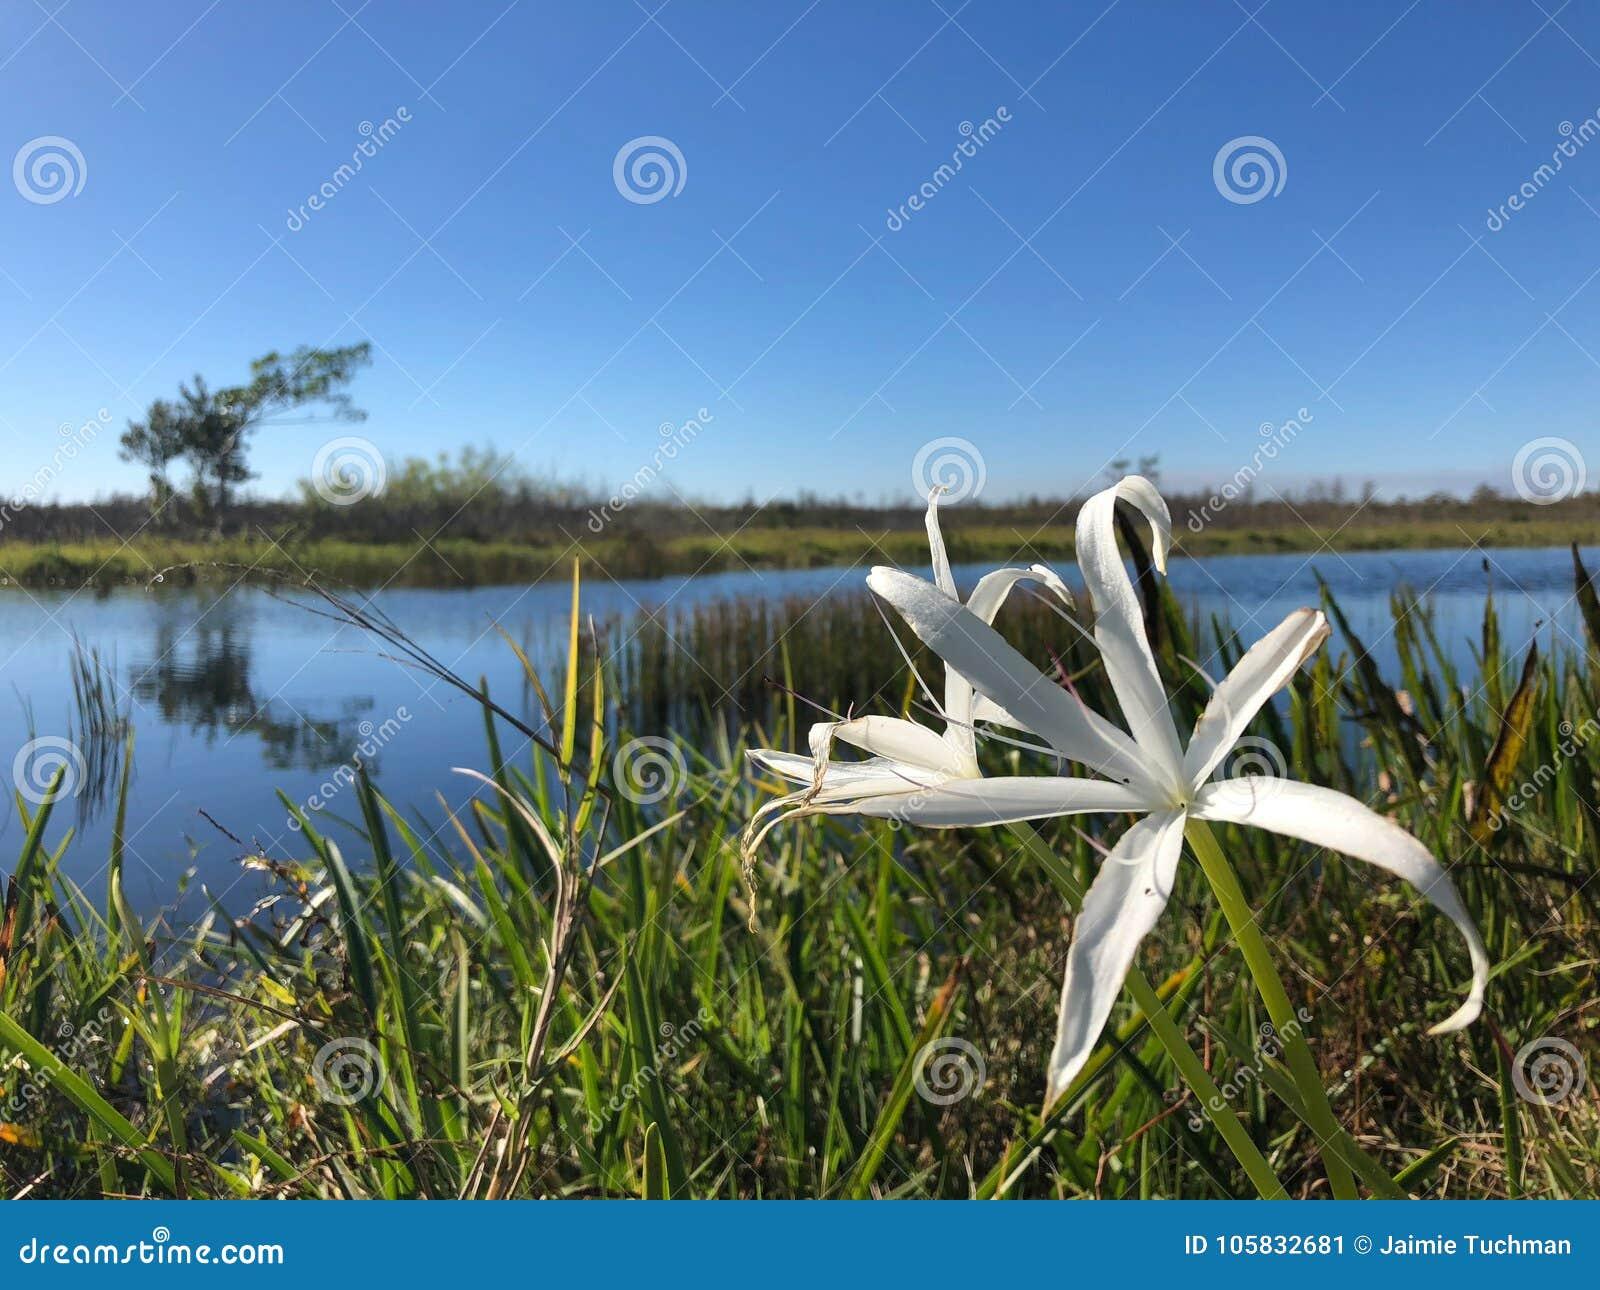 River flowers landscape